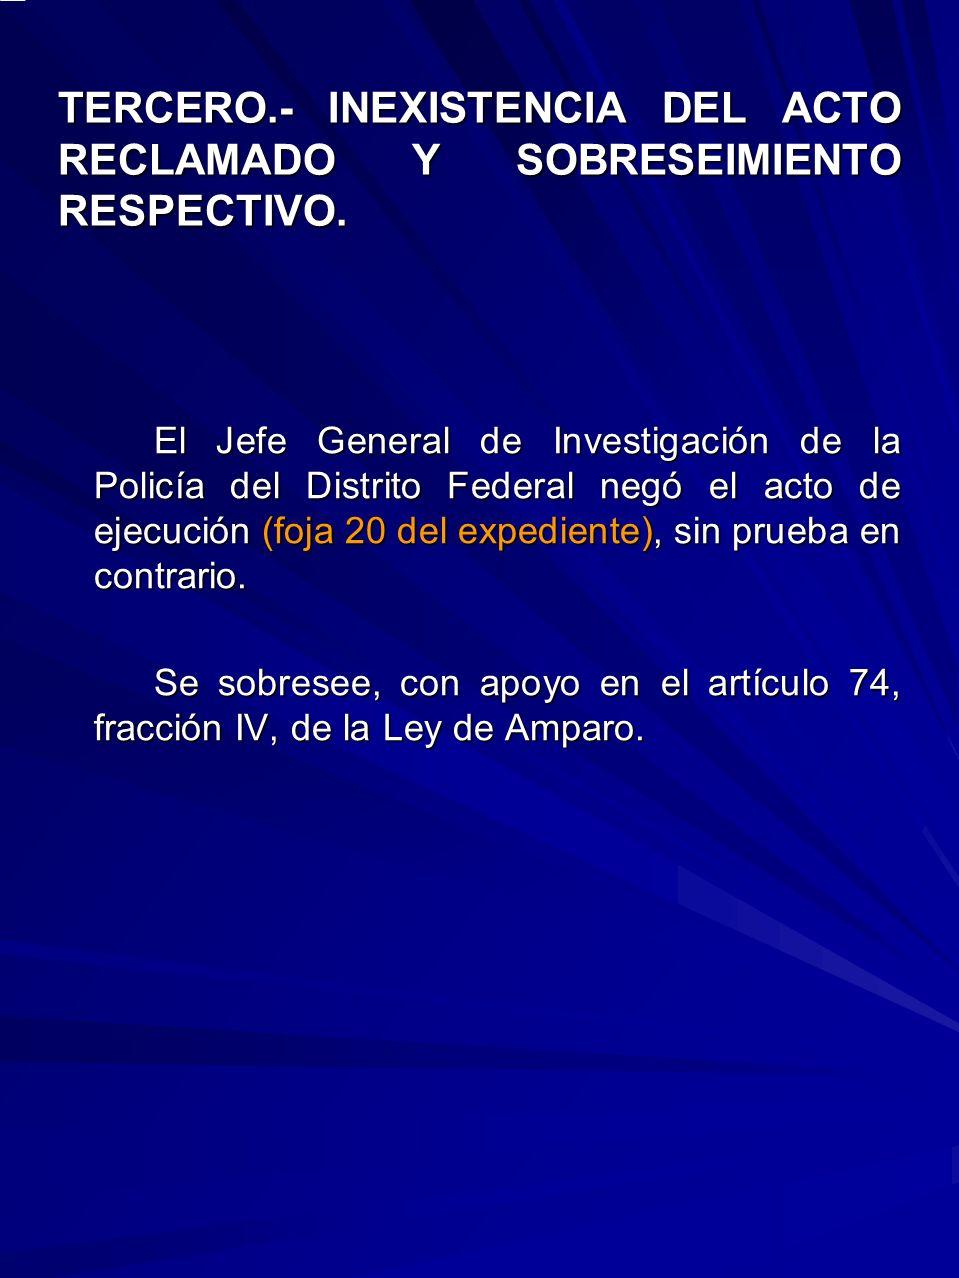 TERCERO.- INEXISTENCIA DEL ACTO RECLAMADO Y SOBRESEIMIENTO RESPECTIVO.